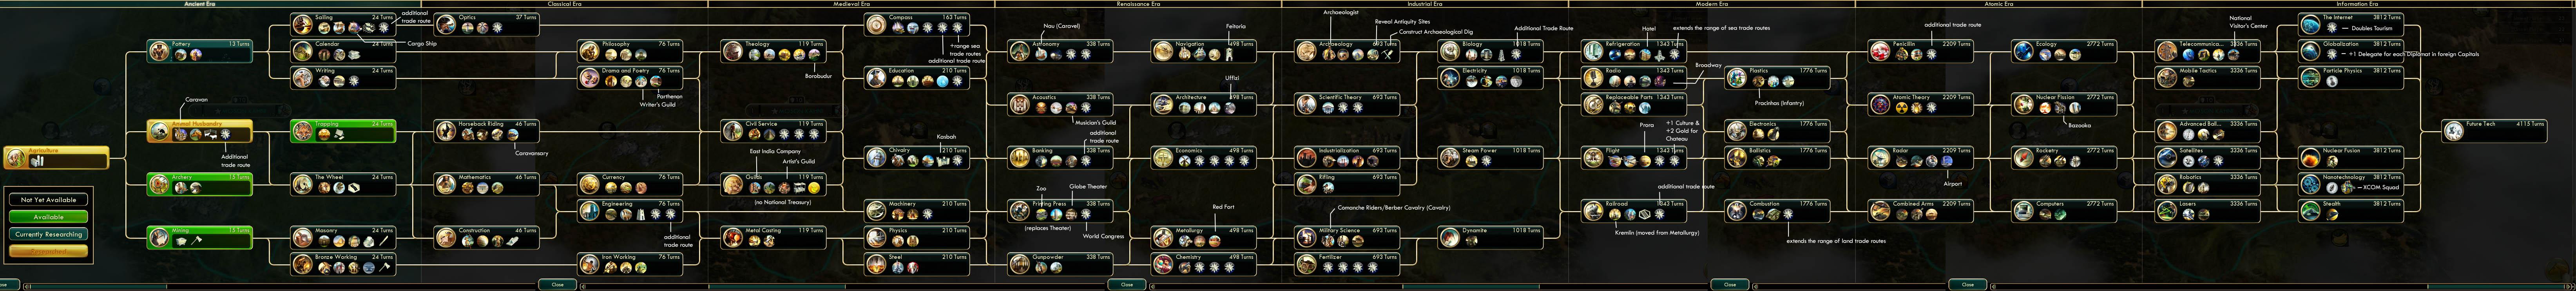 Цивилизацию 5 для виндовс 10